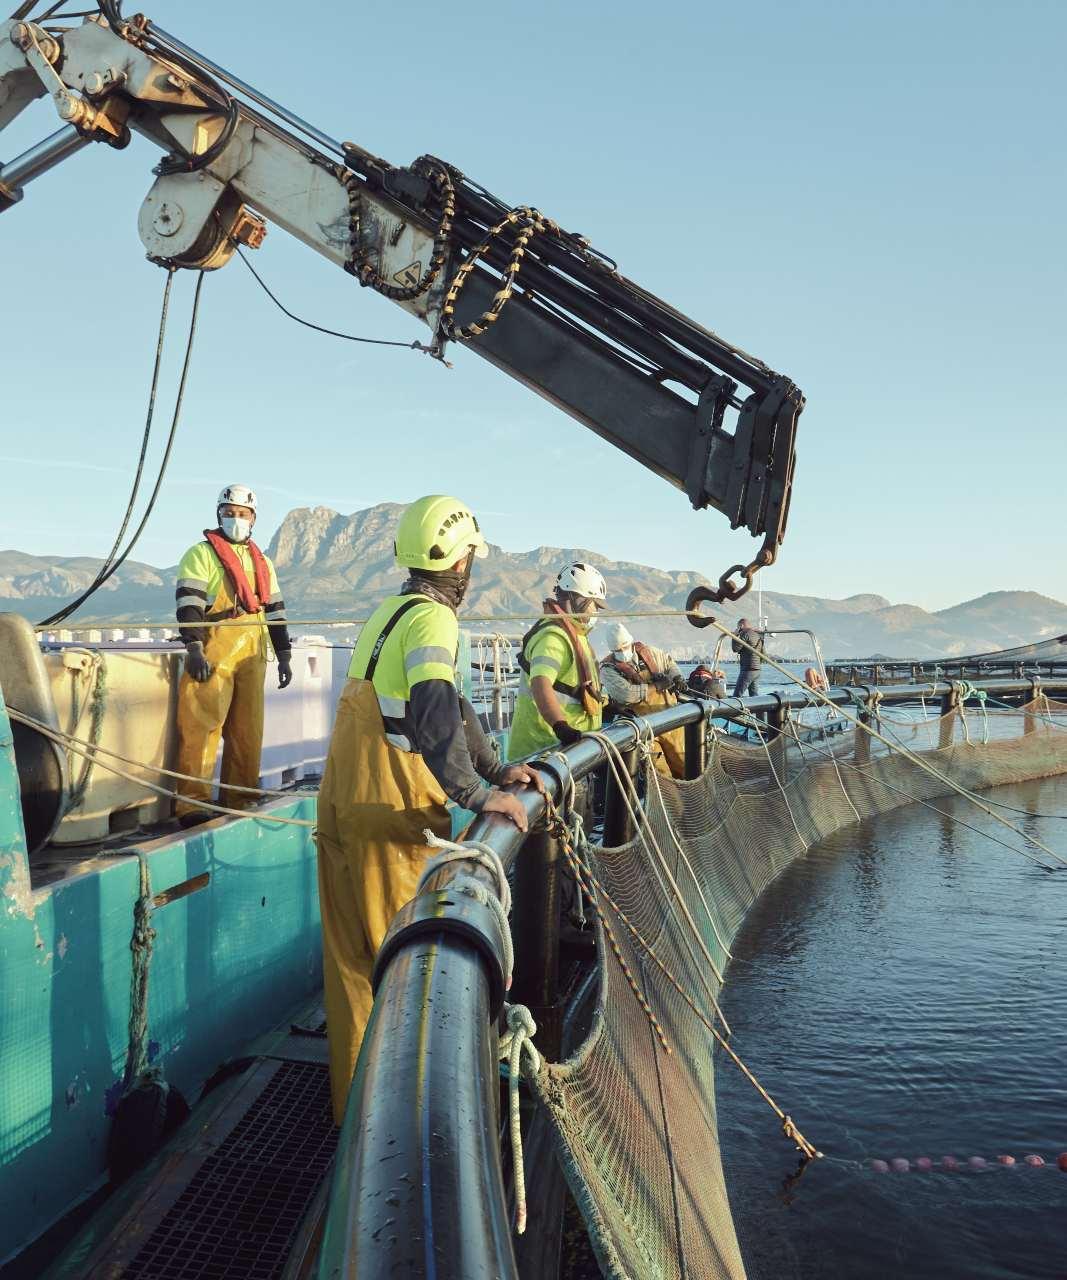 Acuicultura, una actividad por la sostenibilidad en el mar